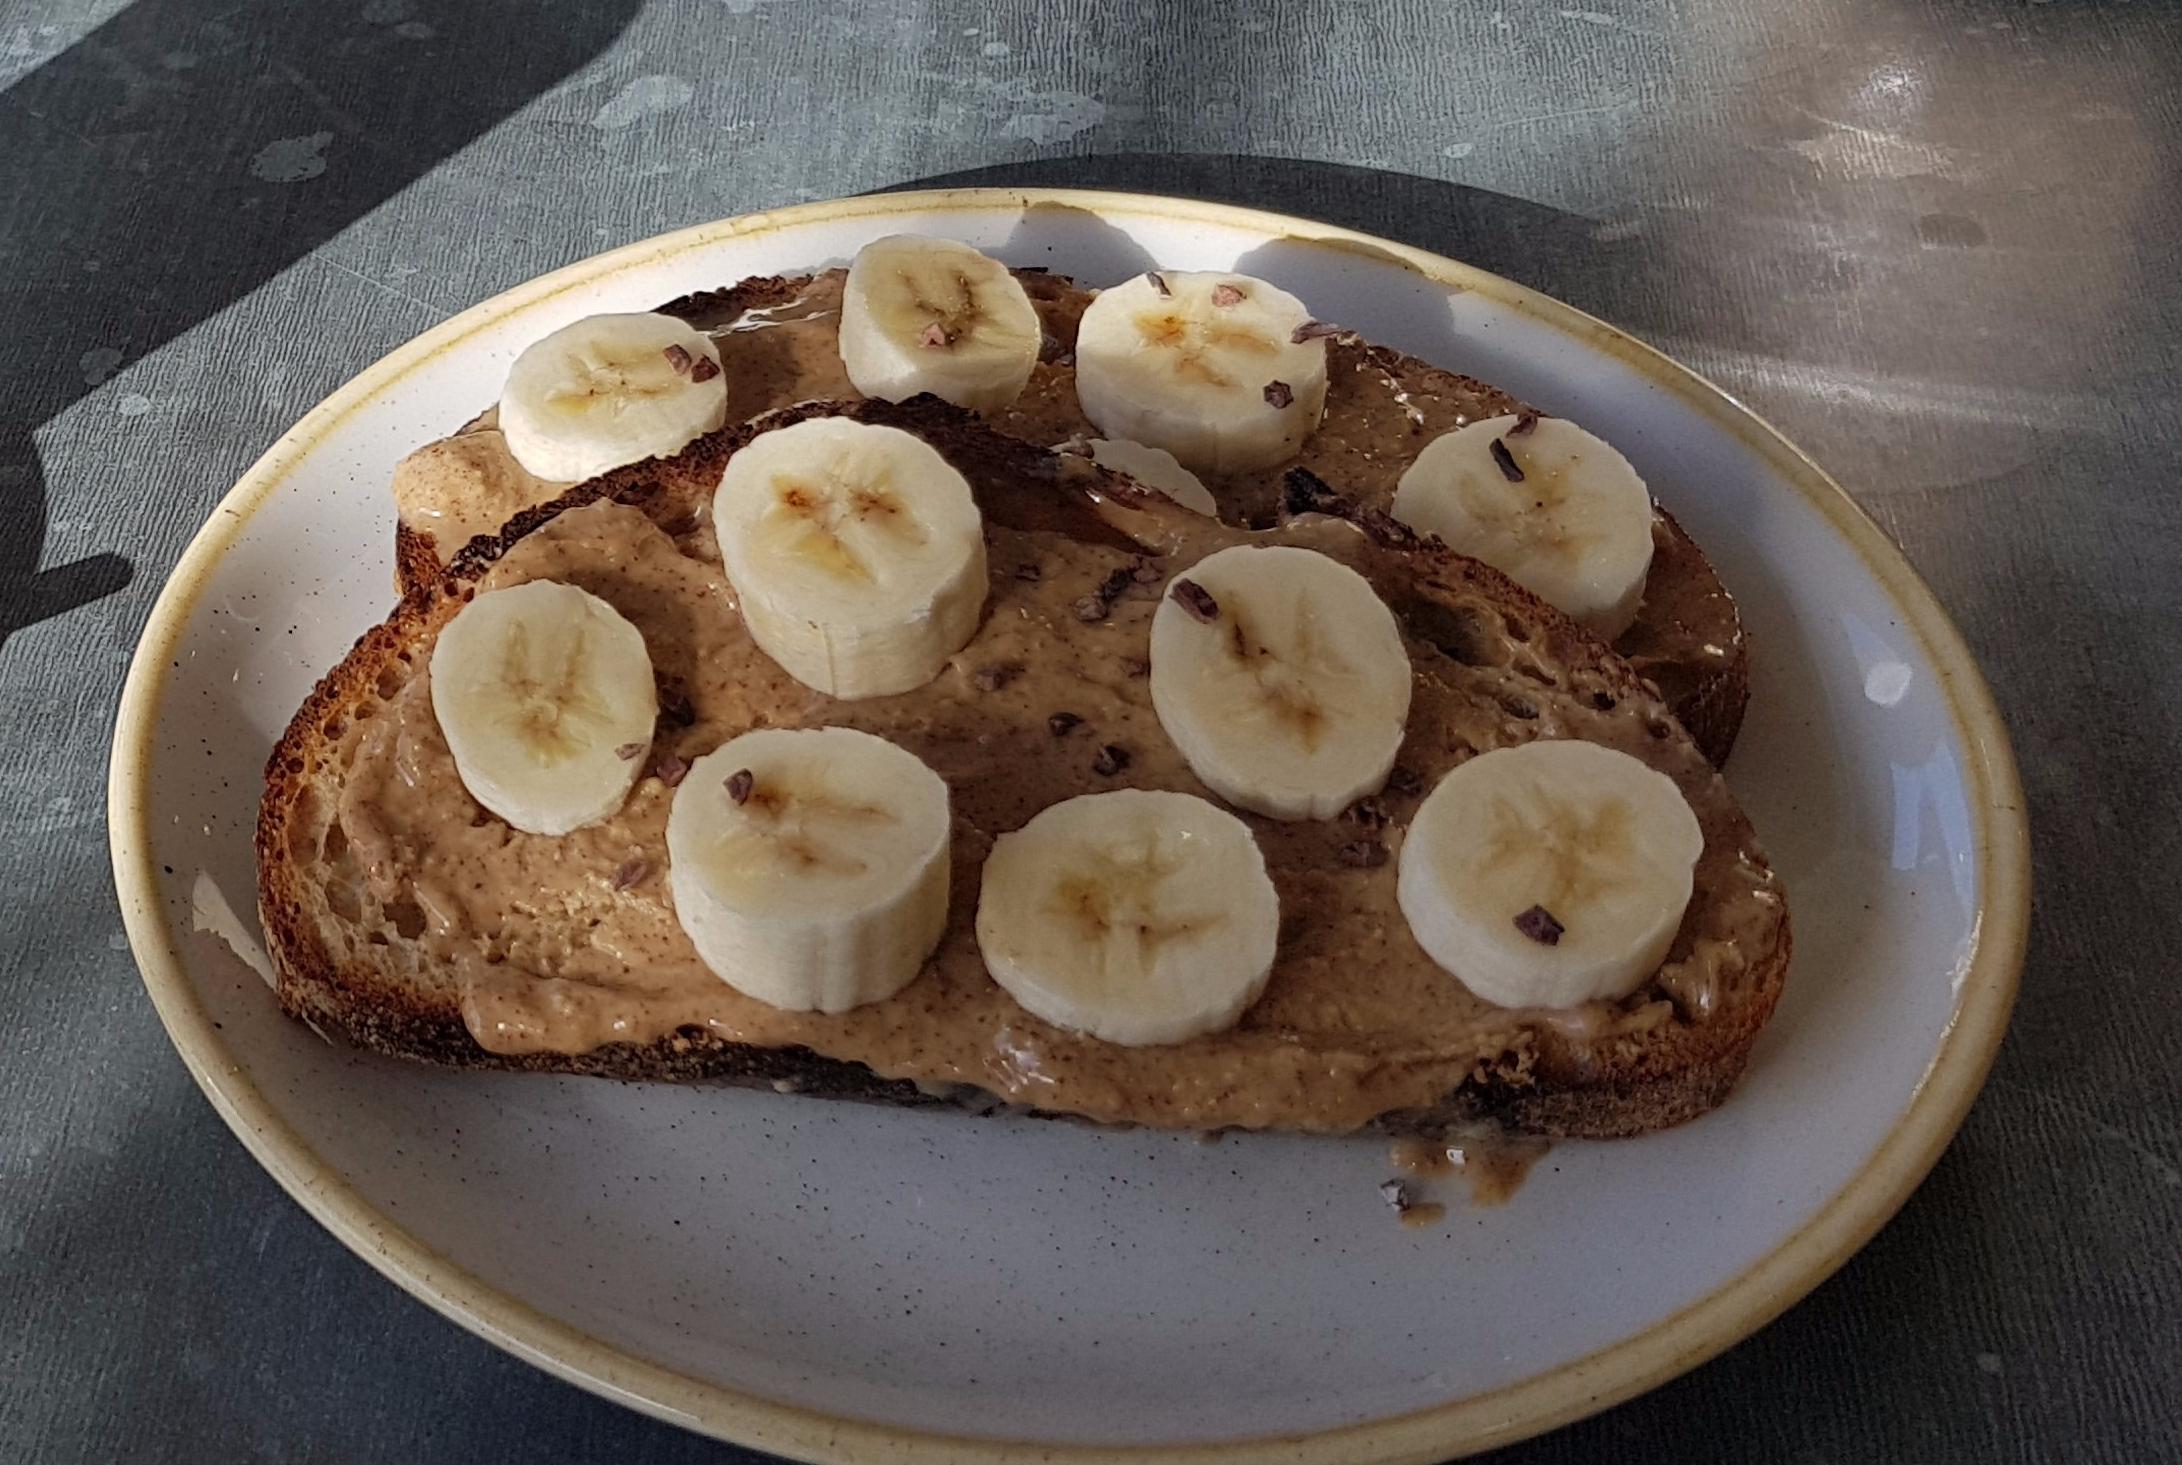 peanut butter banana soughdough rawberry winchester